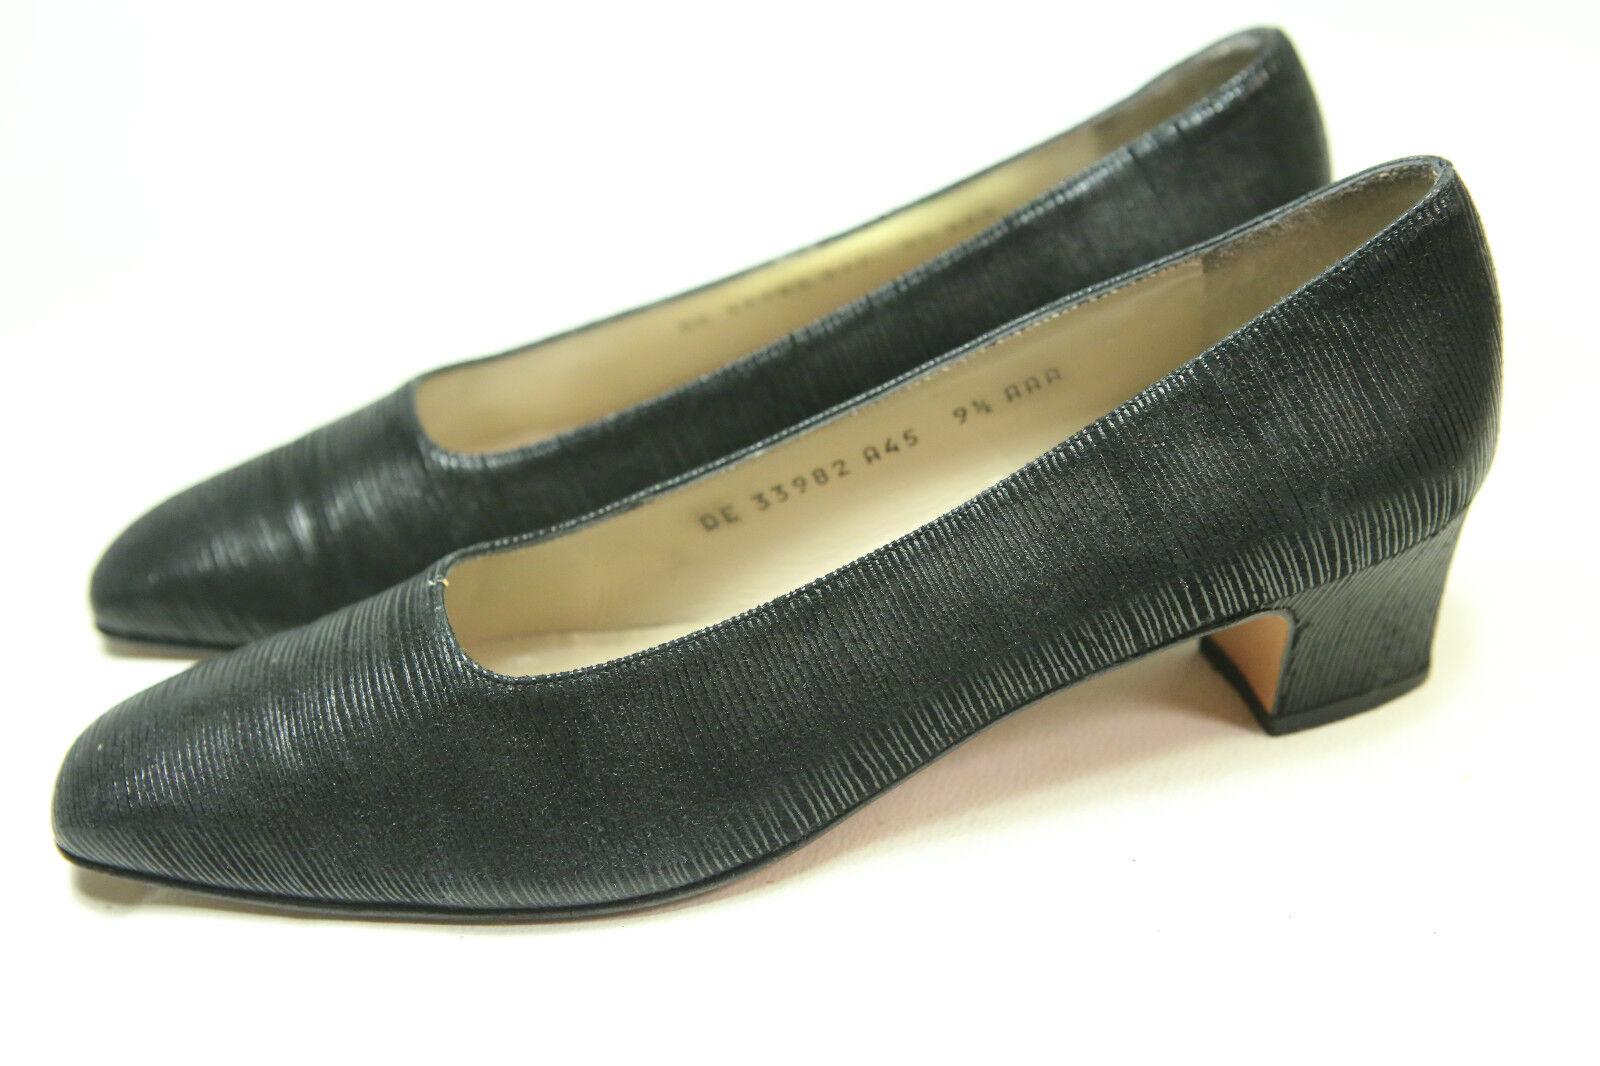 Para Mujer Mujer Mujer Salvatore Ferragamo Tacones Negro Cuero 9.5 Aaa estrecho Italia Classics  ventas en línea de venta